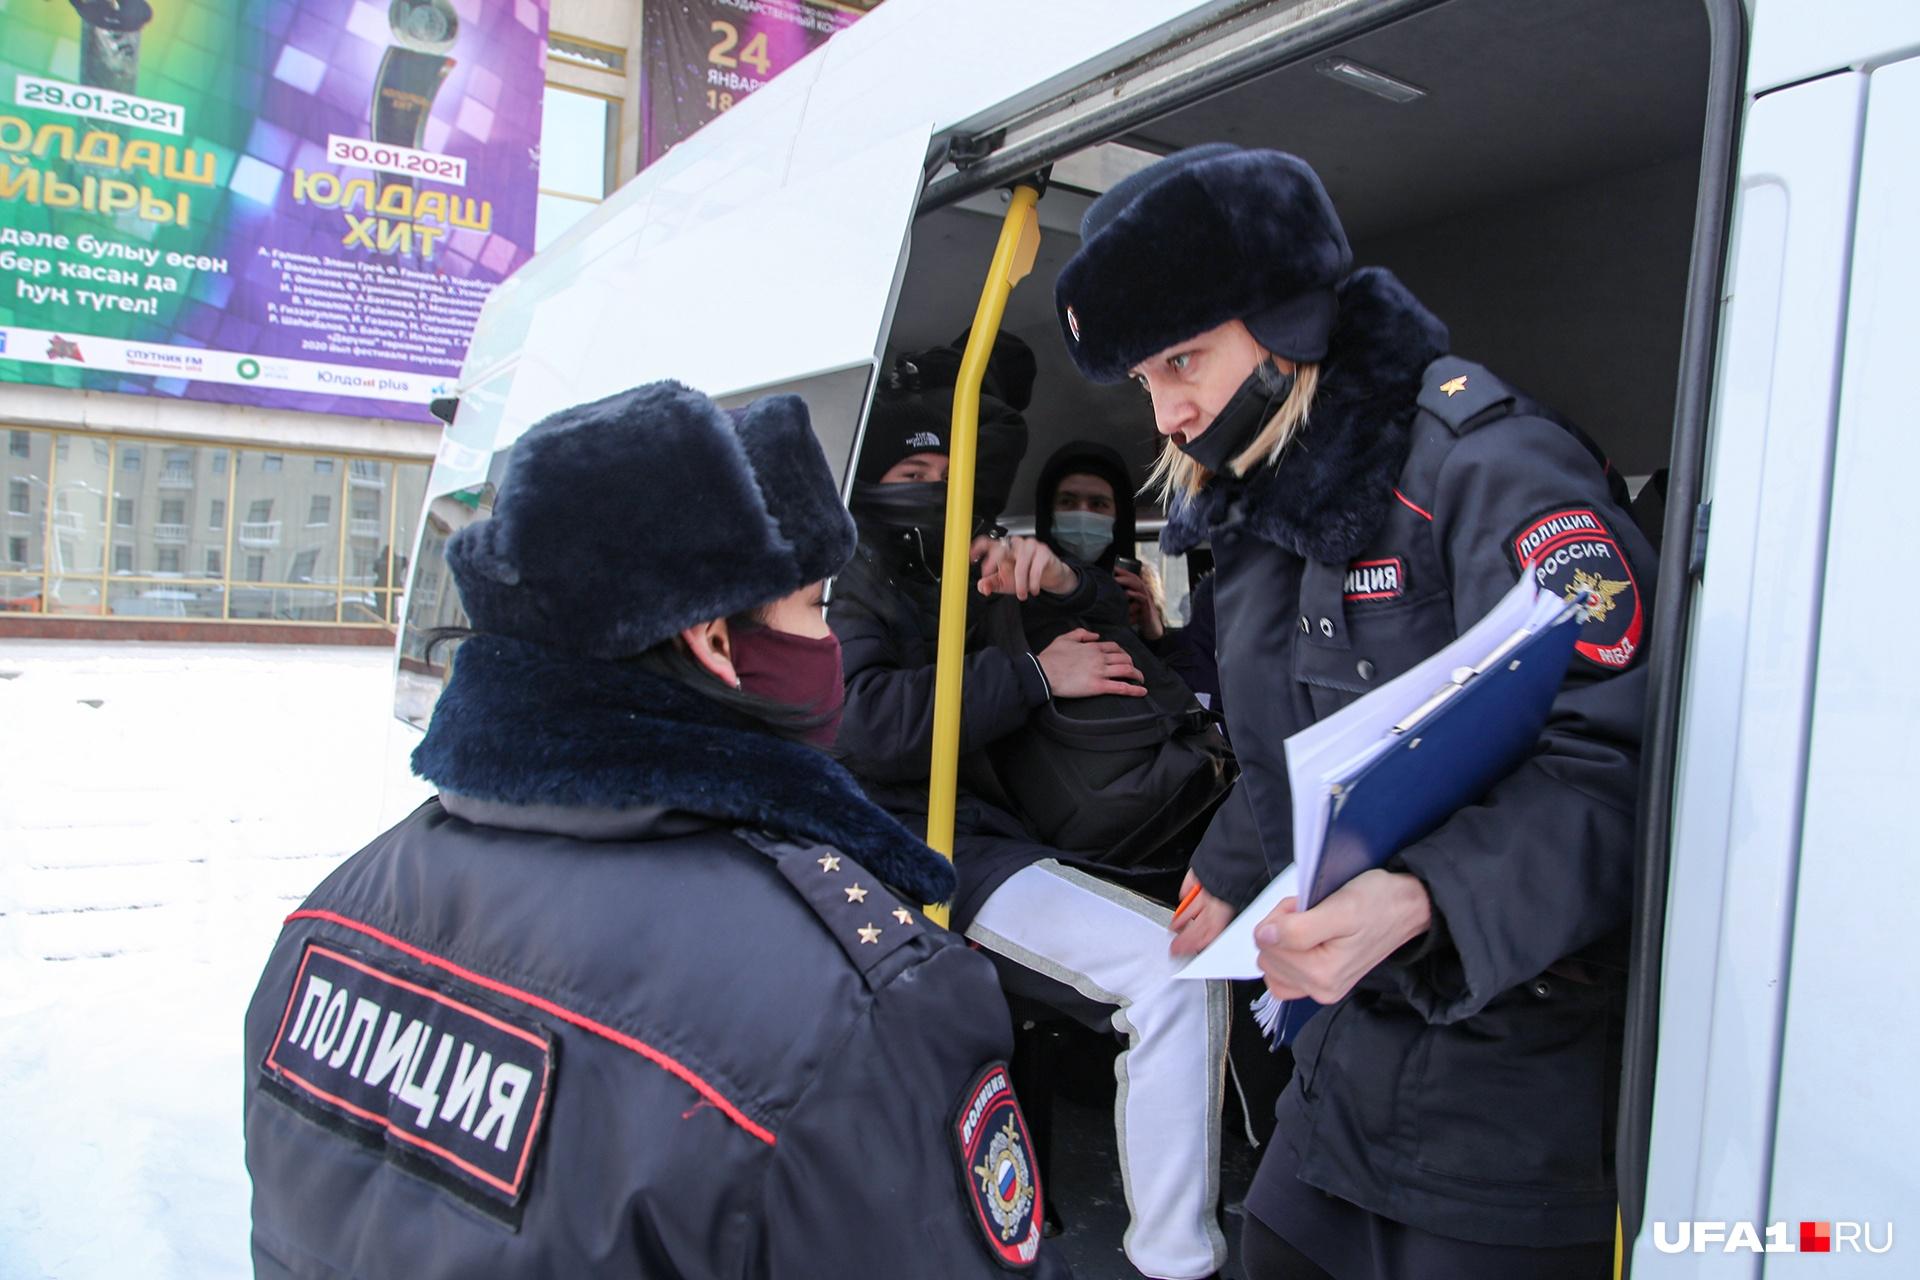 Полиции сегодня тоже пришлось понервничать